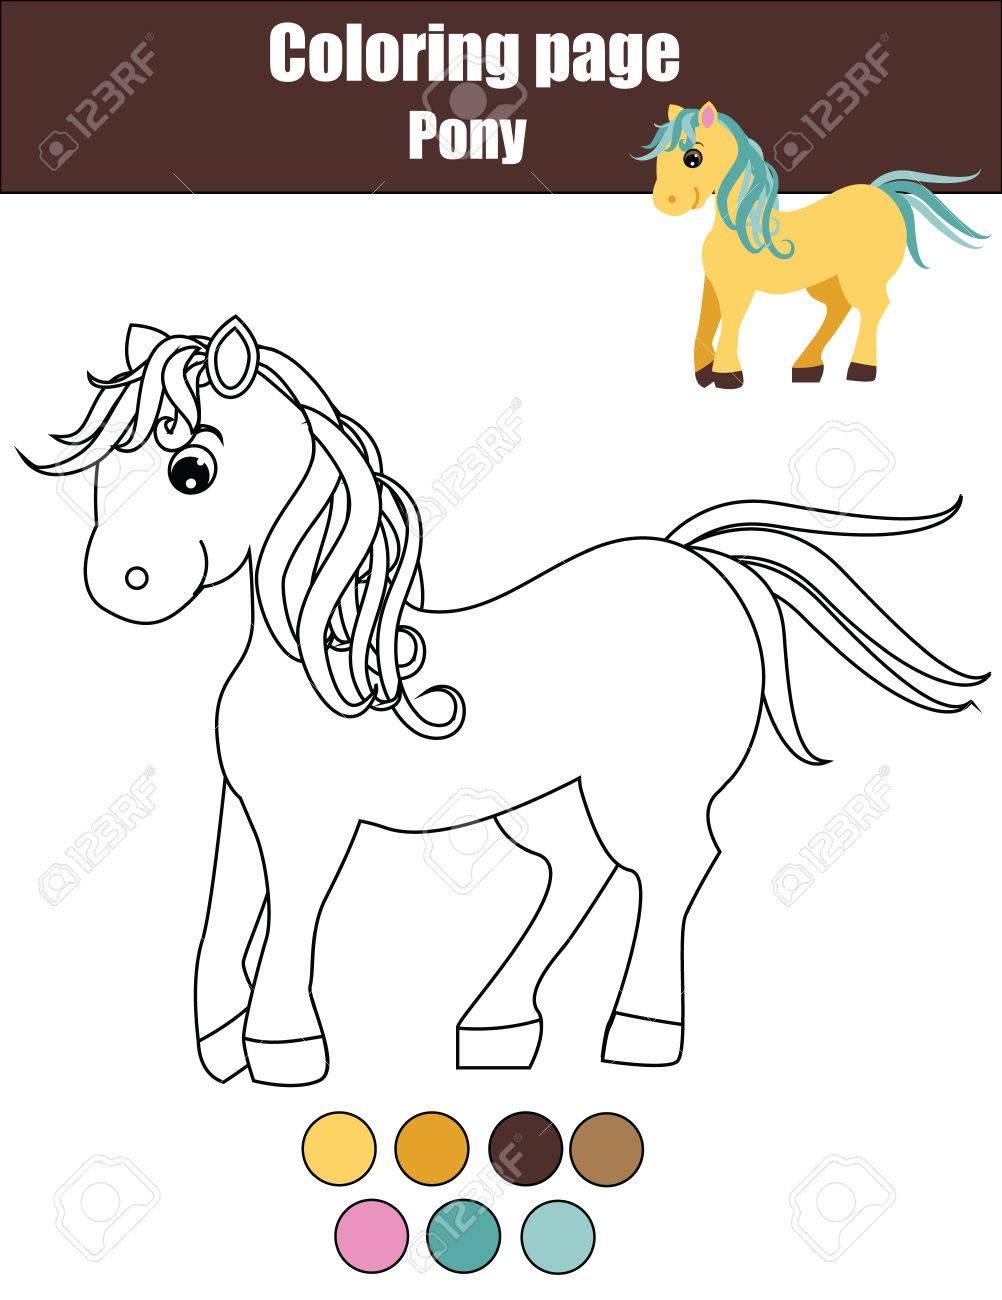 Malvorlage Mit Niedlichen Pony Farbe Das Kleine Pferd Zeichnung